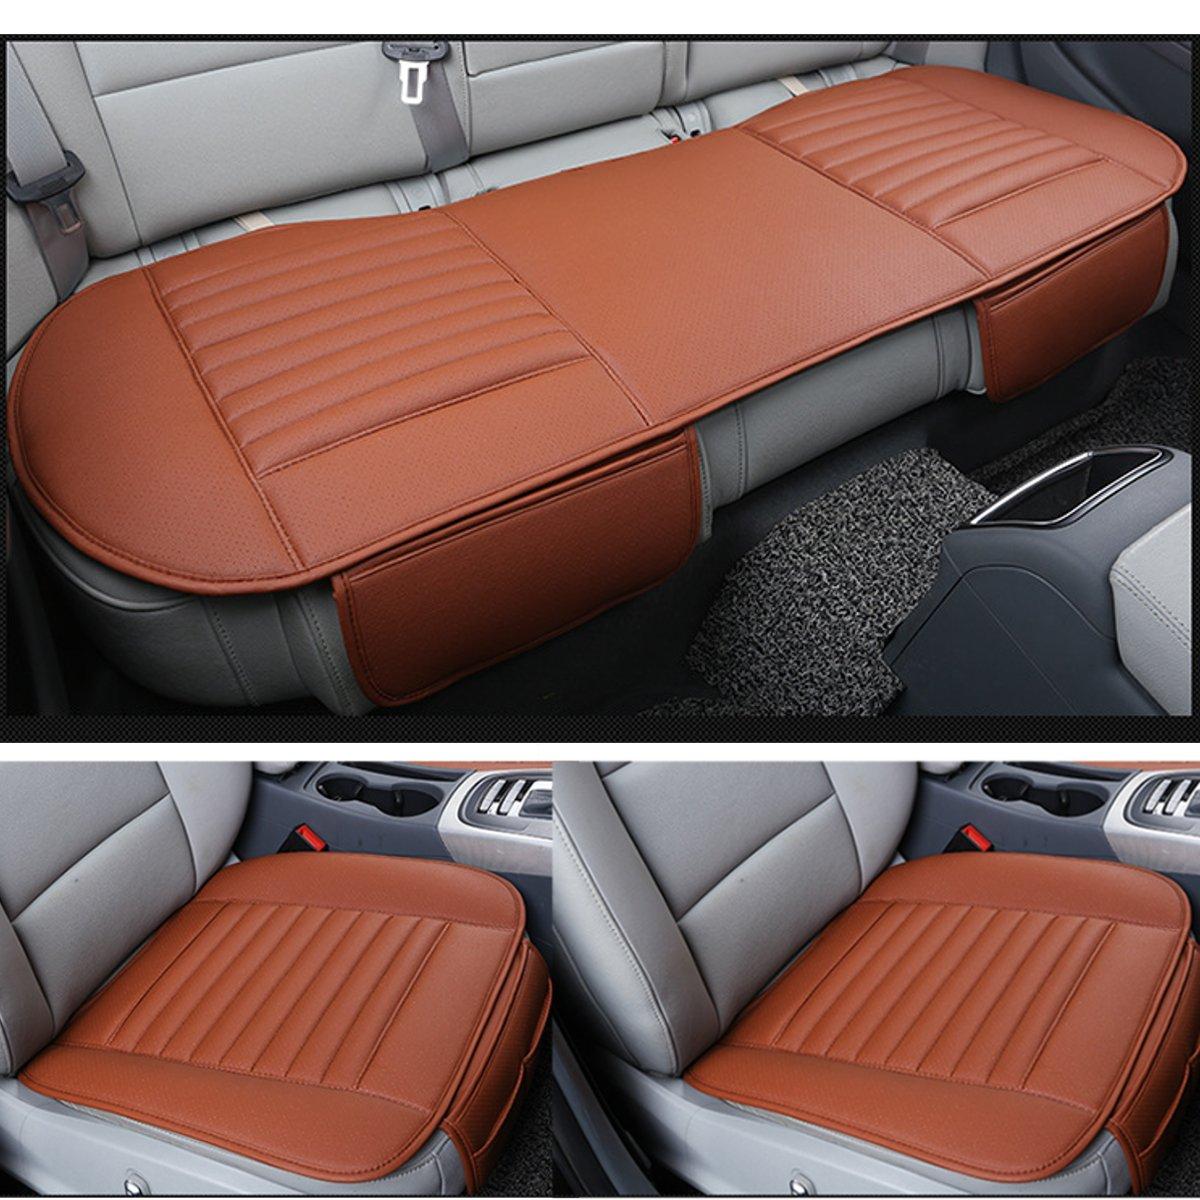 Universa tapis de protection de siège de voiture housse de siège de voiture hiver chaud avant arrière coussin de siège arrière en cuir Pu respirant sans dossier